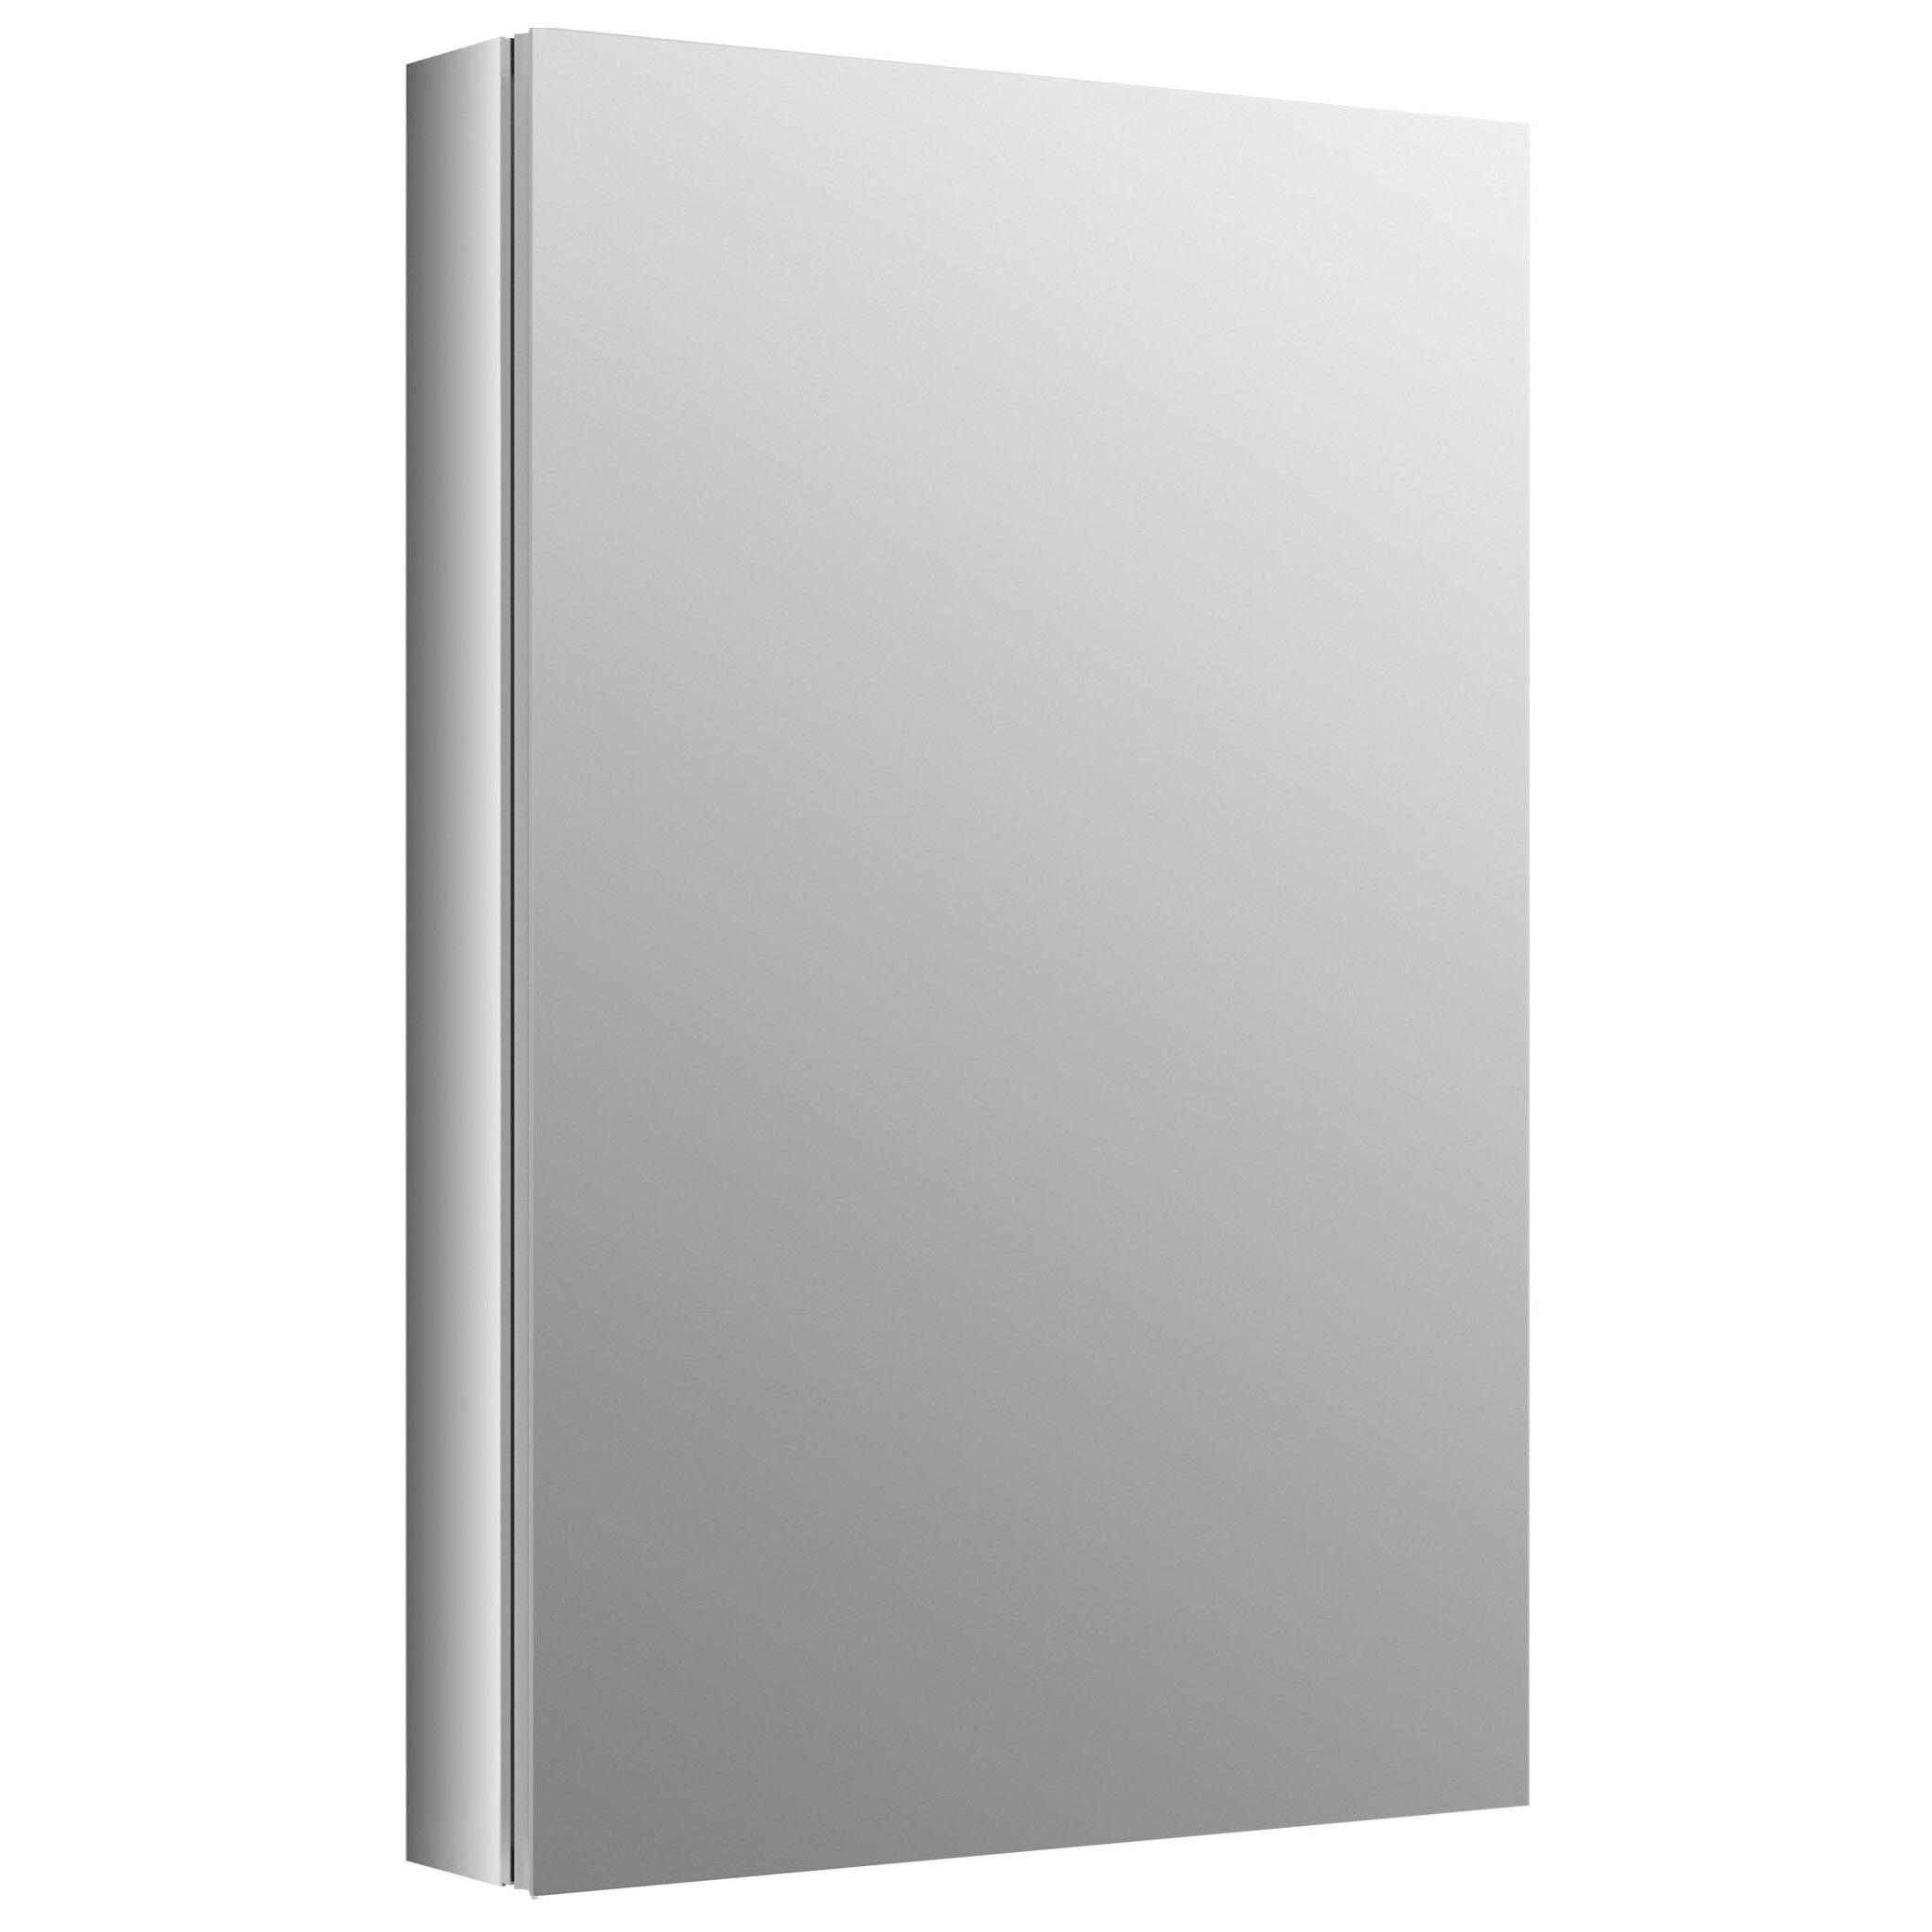 Kohler Verdera 20 X 30 Aluminum Medicine Cabinet